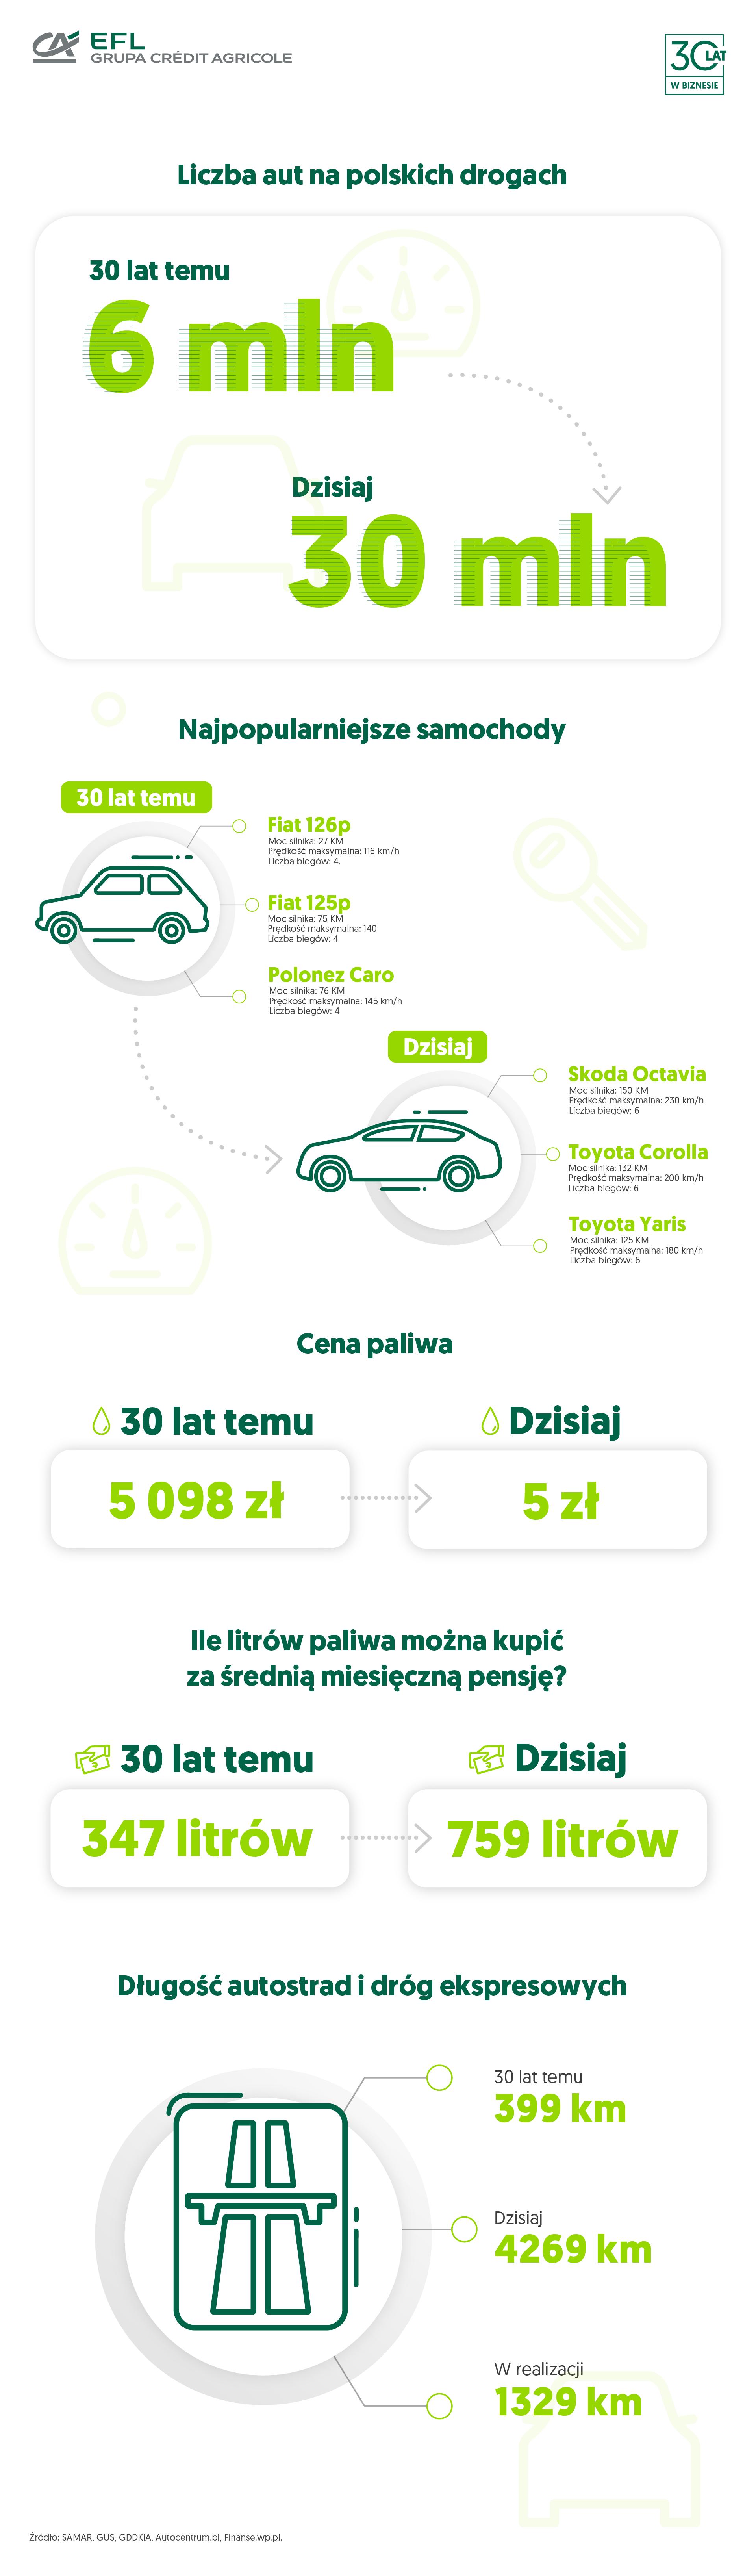 rynek motoryzacyjny dziś i 30 lat temu - infografika